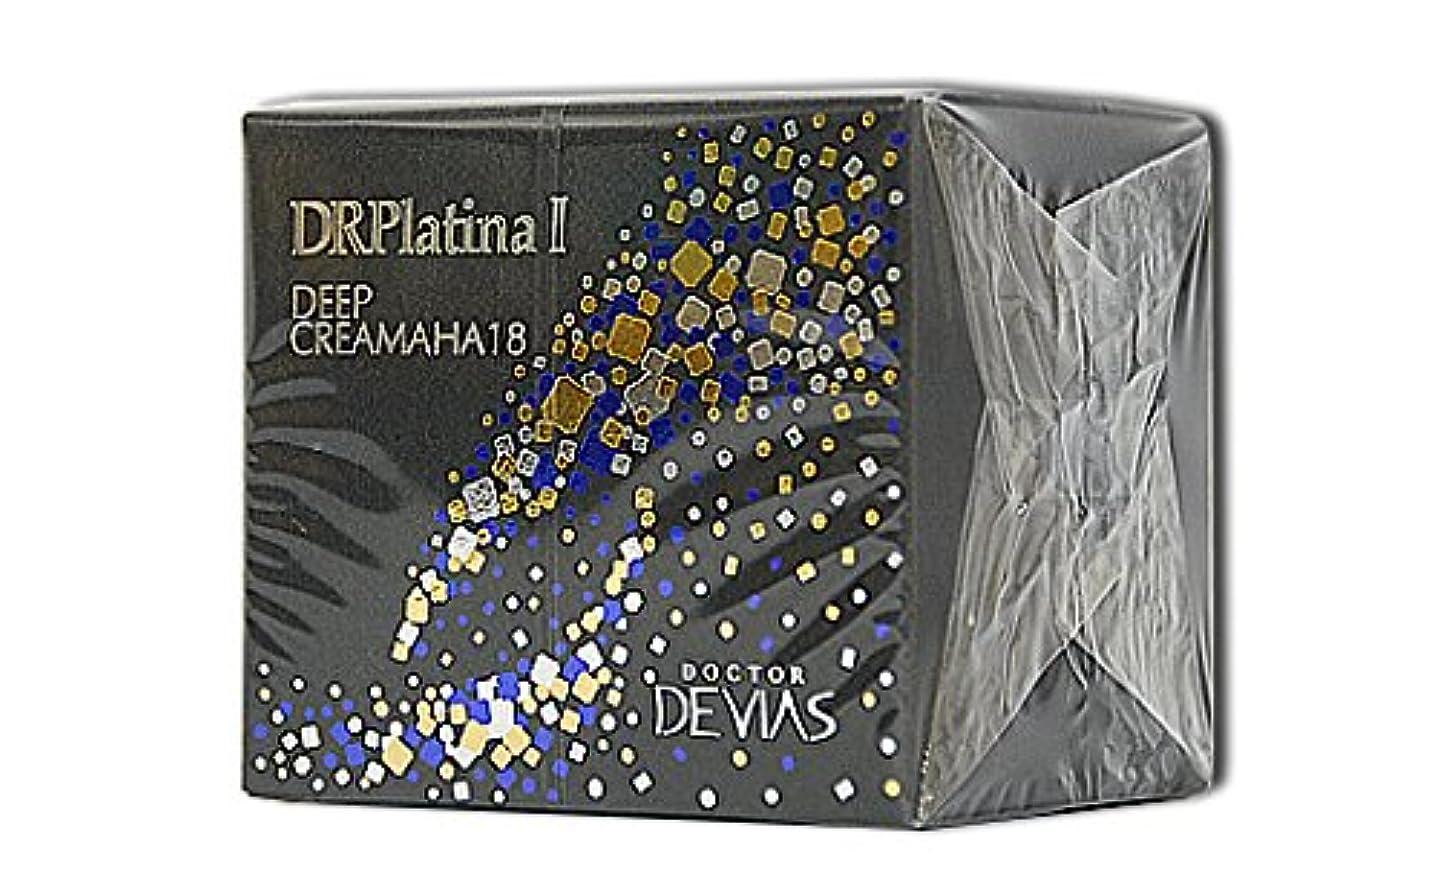 胃矢大統領DRデヴィアス プラチナ ディープ クリーム AHA18 Ⅱ 30g